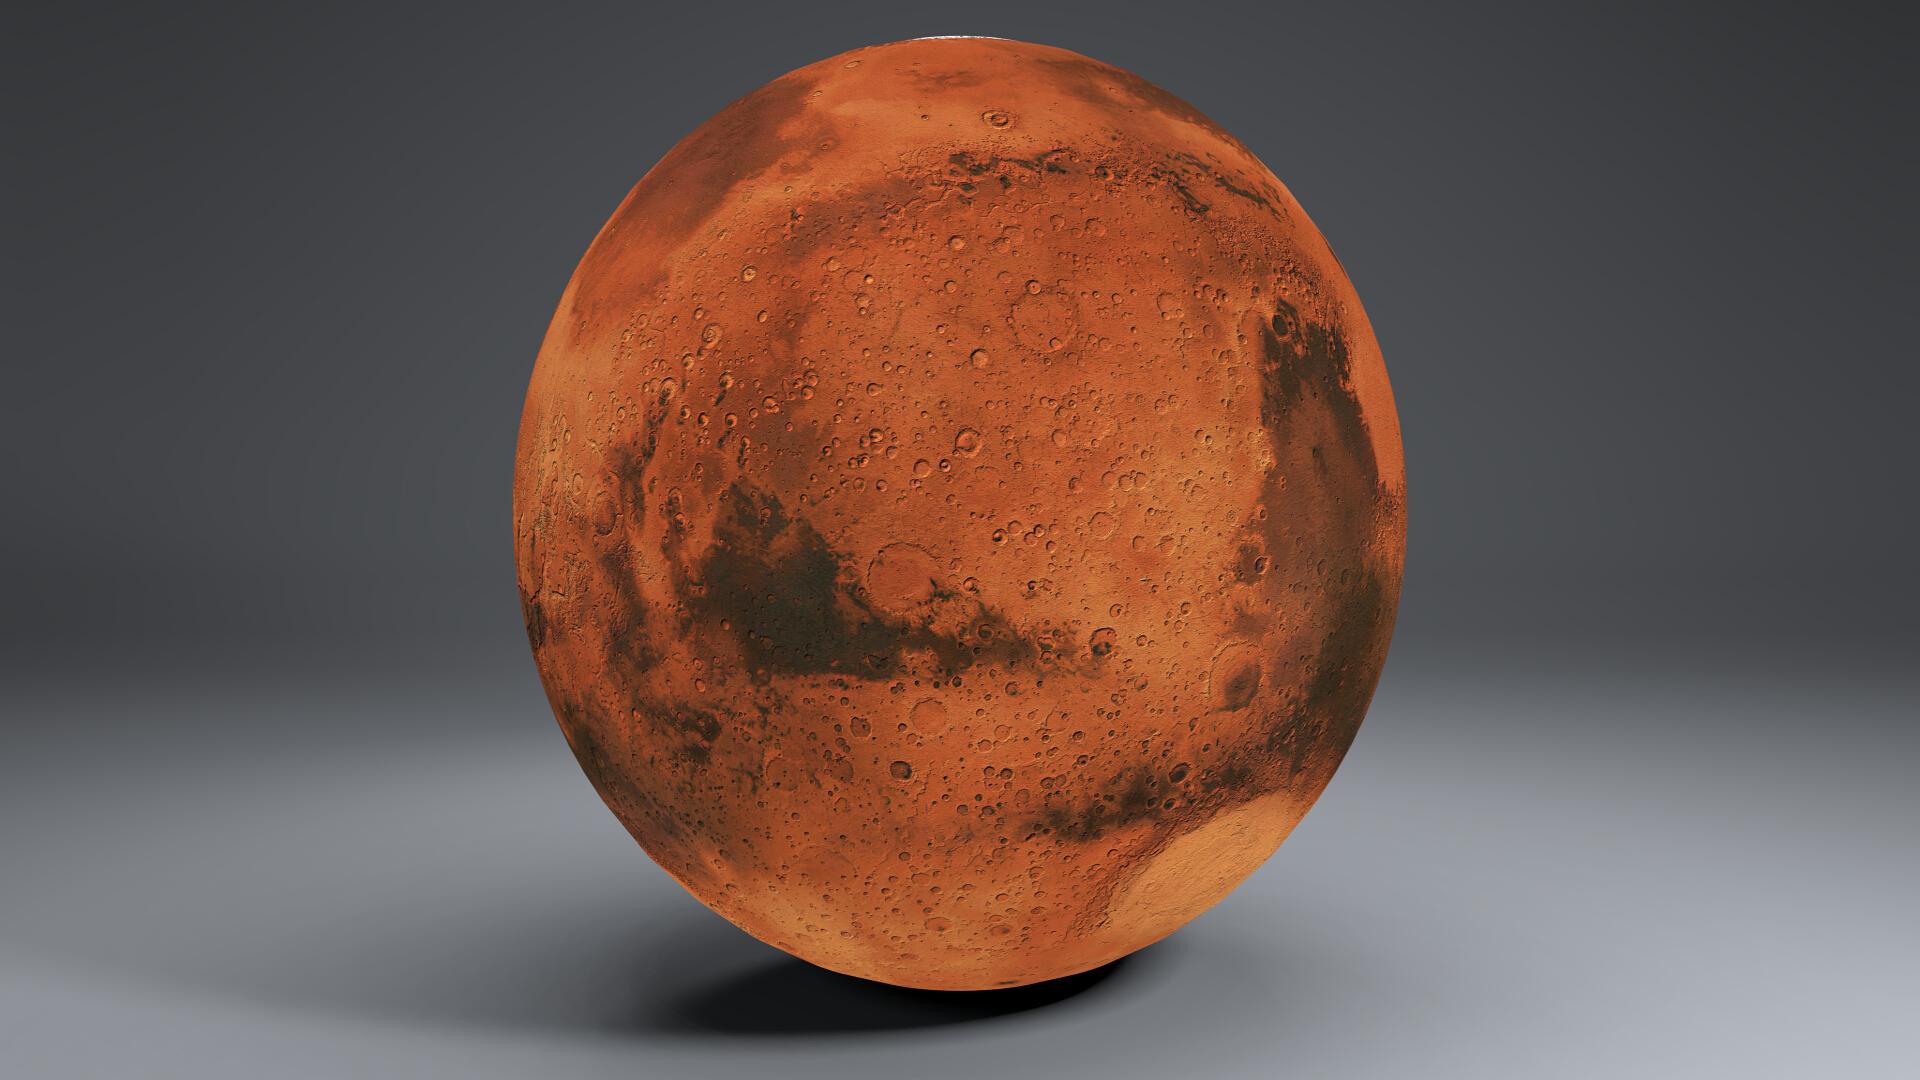 Mars 8k globe 3d model 3ds fbx qarışığı da 223129